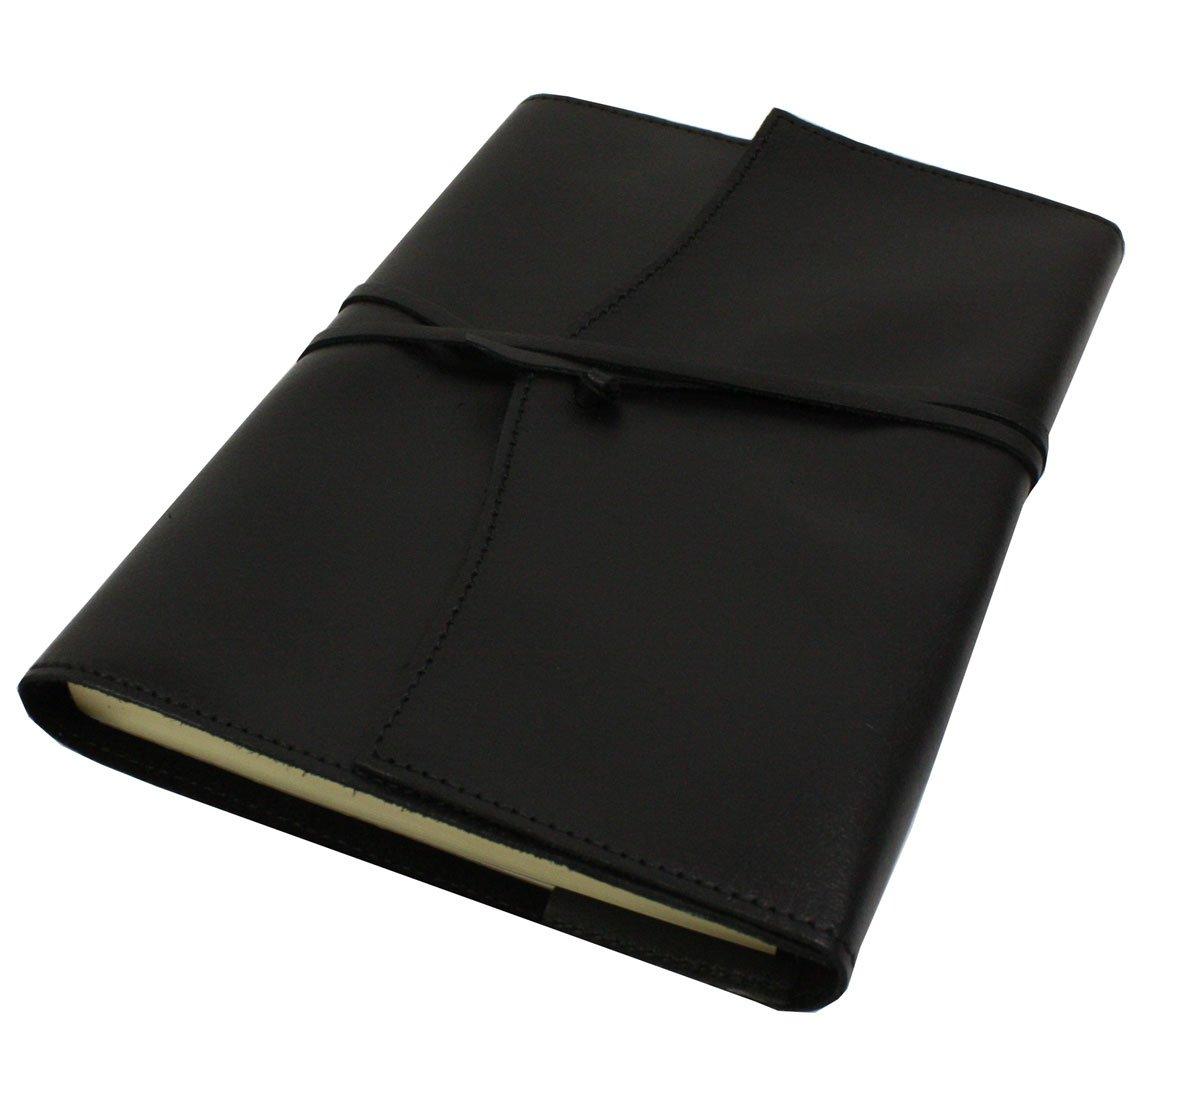 Papuro Milano詰め替え可能ハンドメイドイタリアブラックレザーアドレス帳 – 15 x 21 cm   B008YU8LZ4